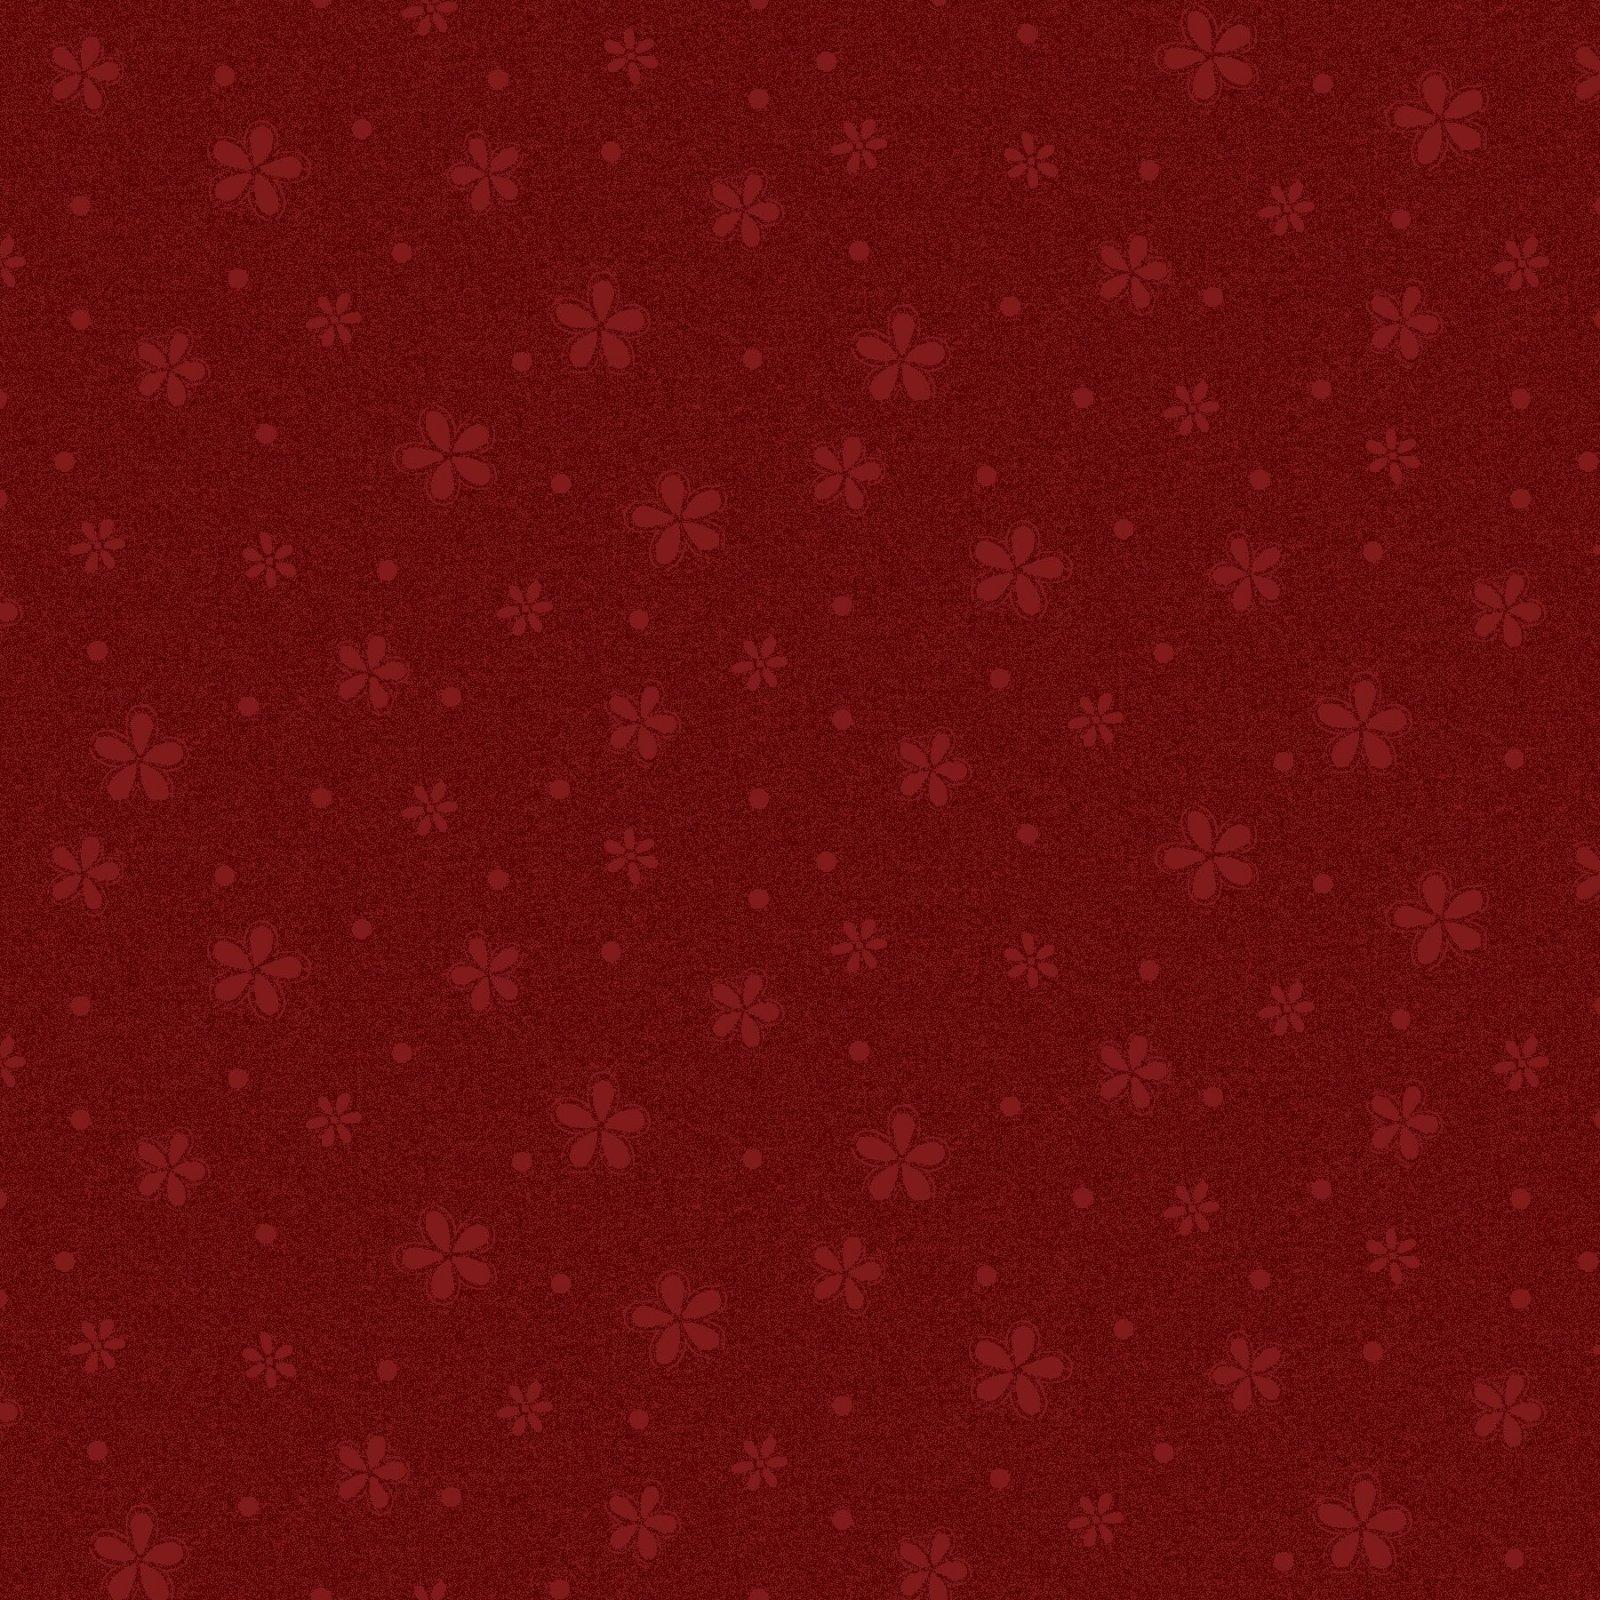 Red - Gail's Flower Basic